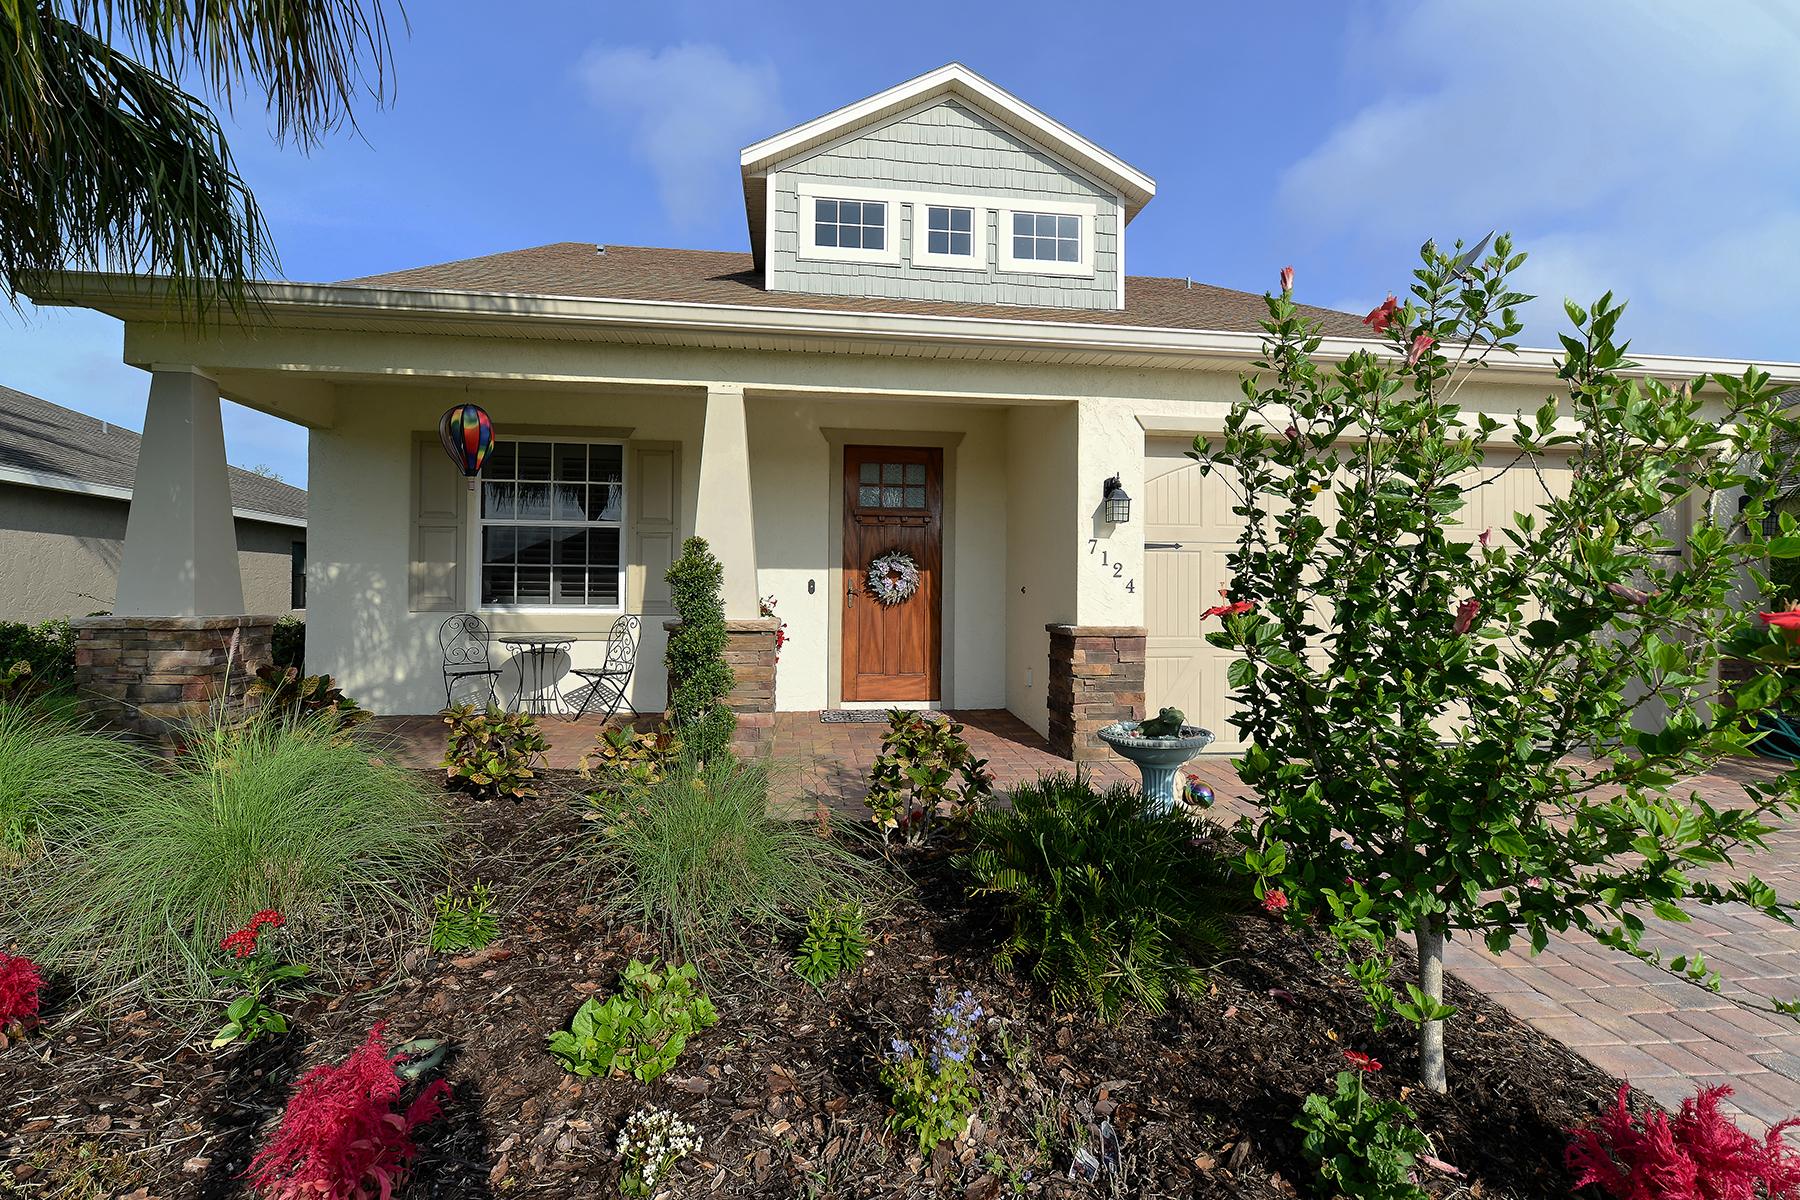 Maison unifamiliale pour l Vente à COTTAGES AT BLU VISTA 7124 34th St E Sarasota, Florida, 34243 États-Unis